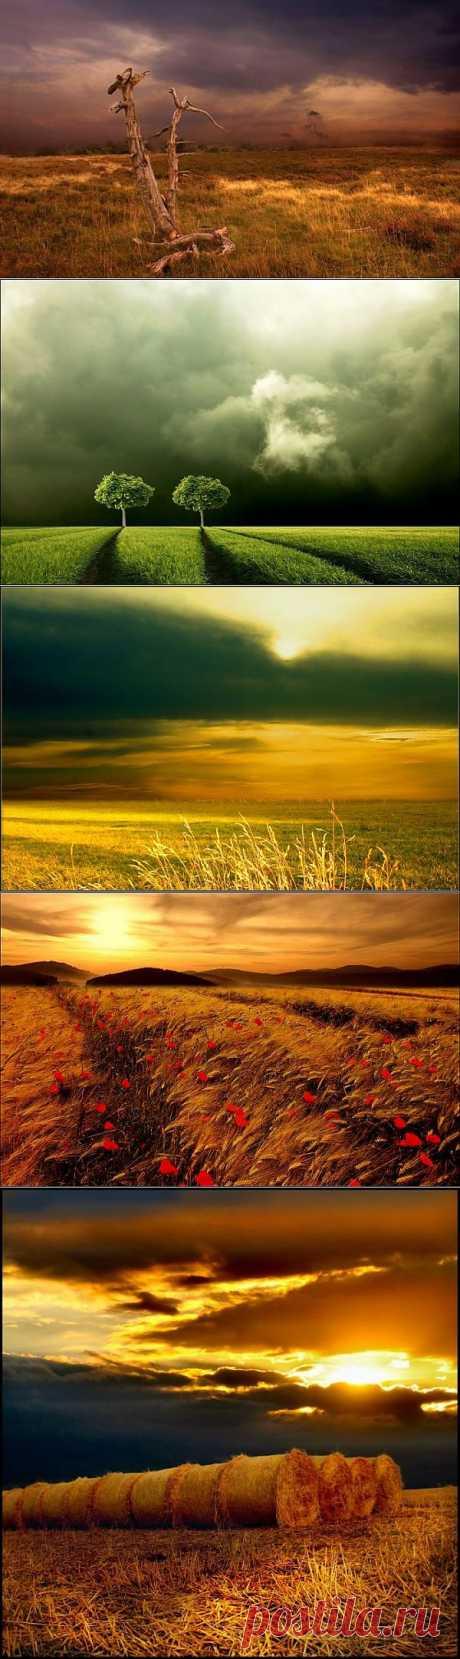 Бескрайние поля от профессиональных фотографов | ЛЮБИМЫЕ ФОТО